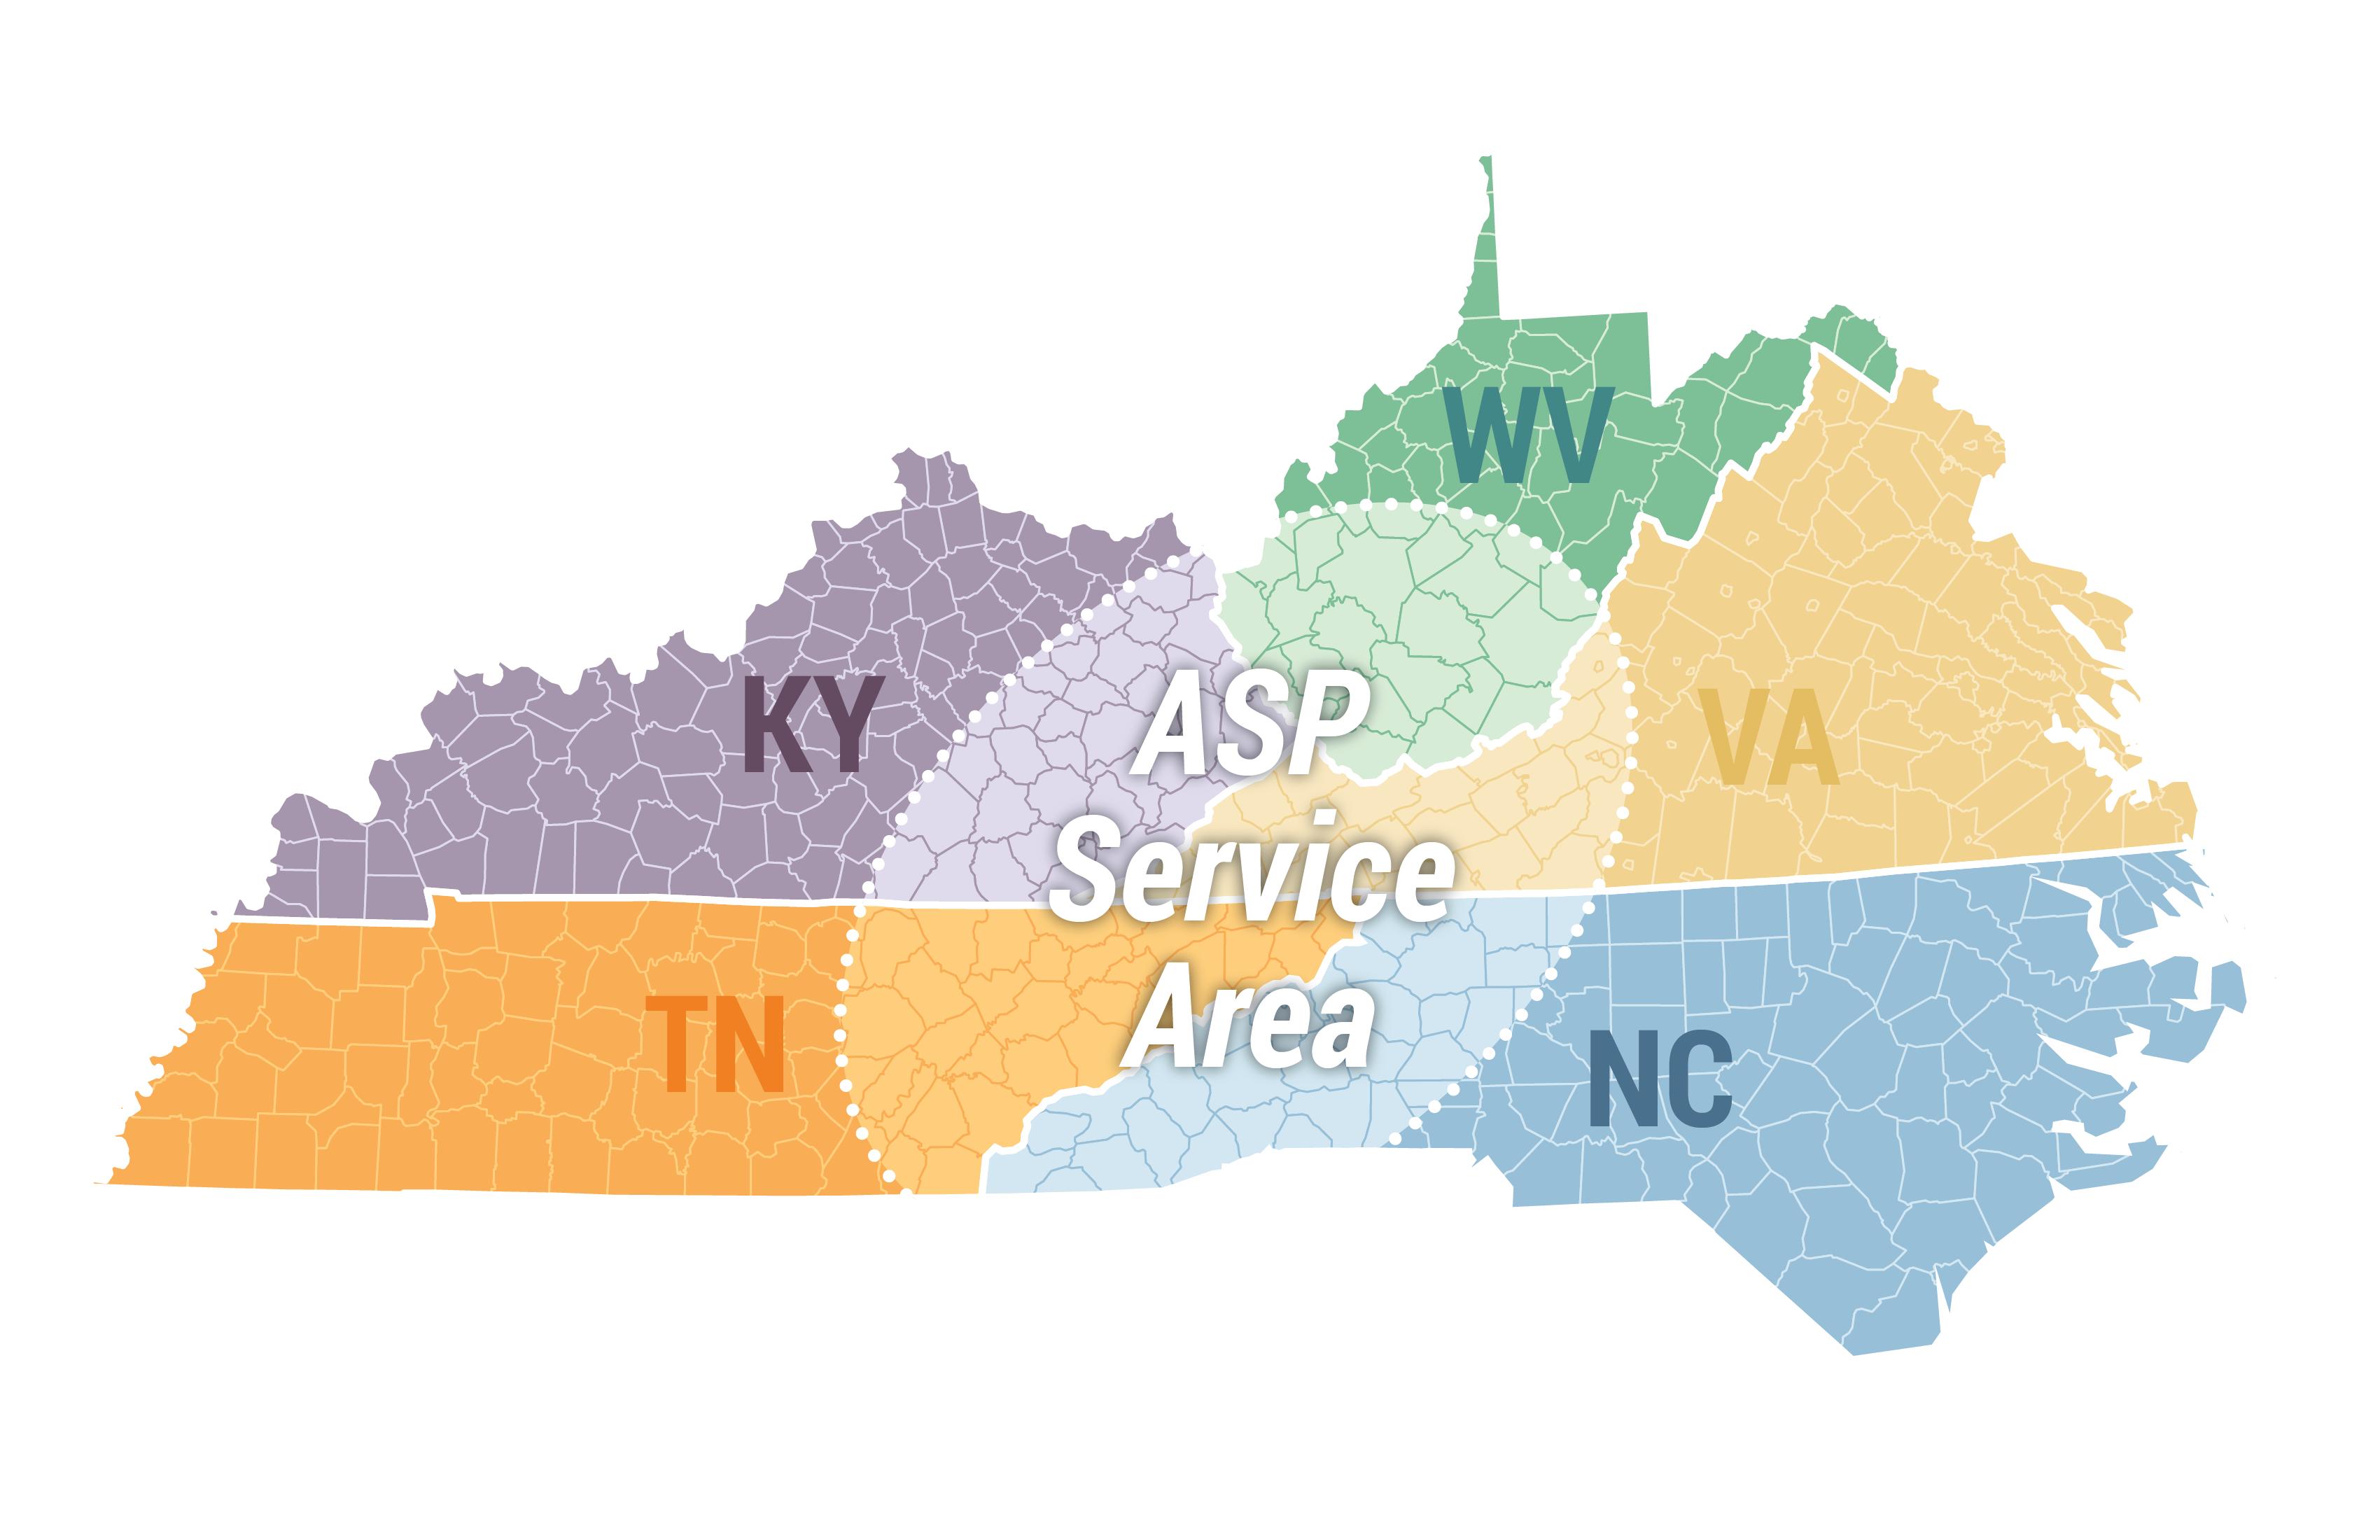 asp-service-area-map